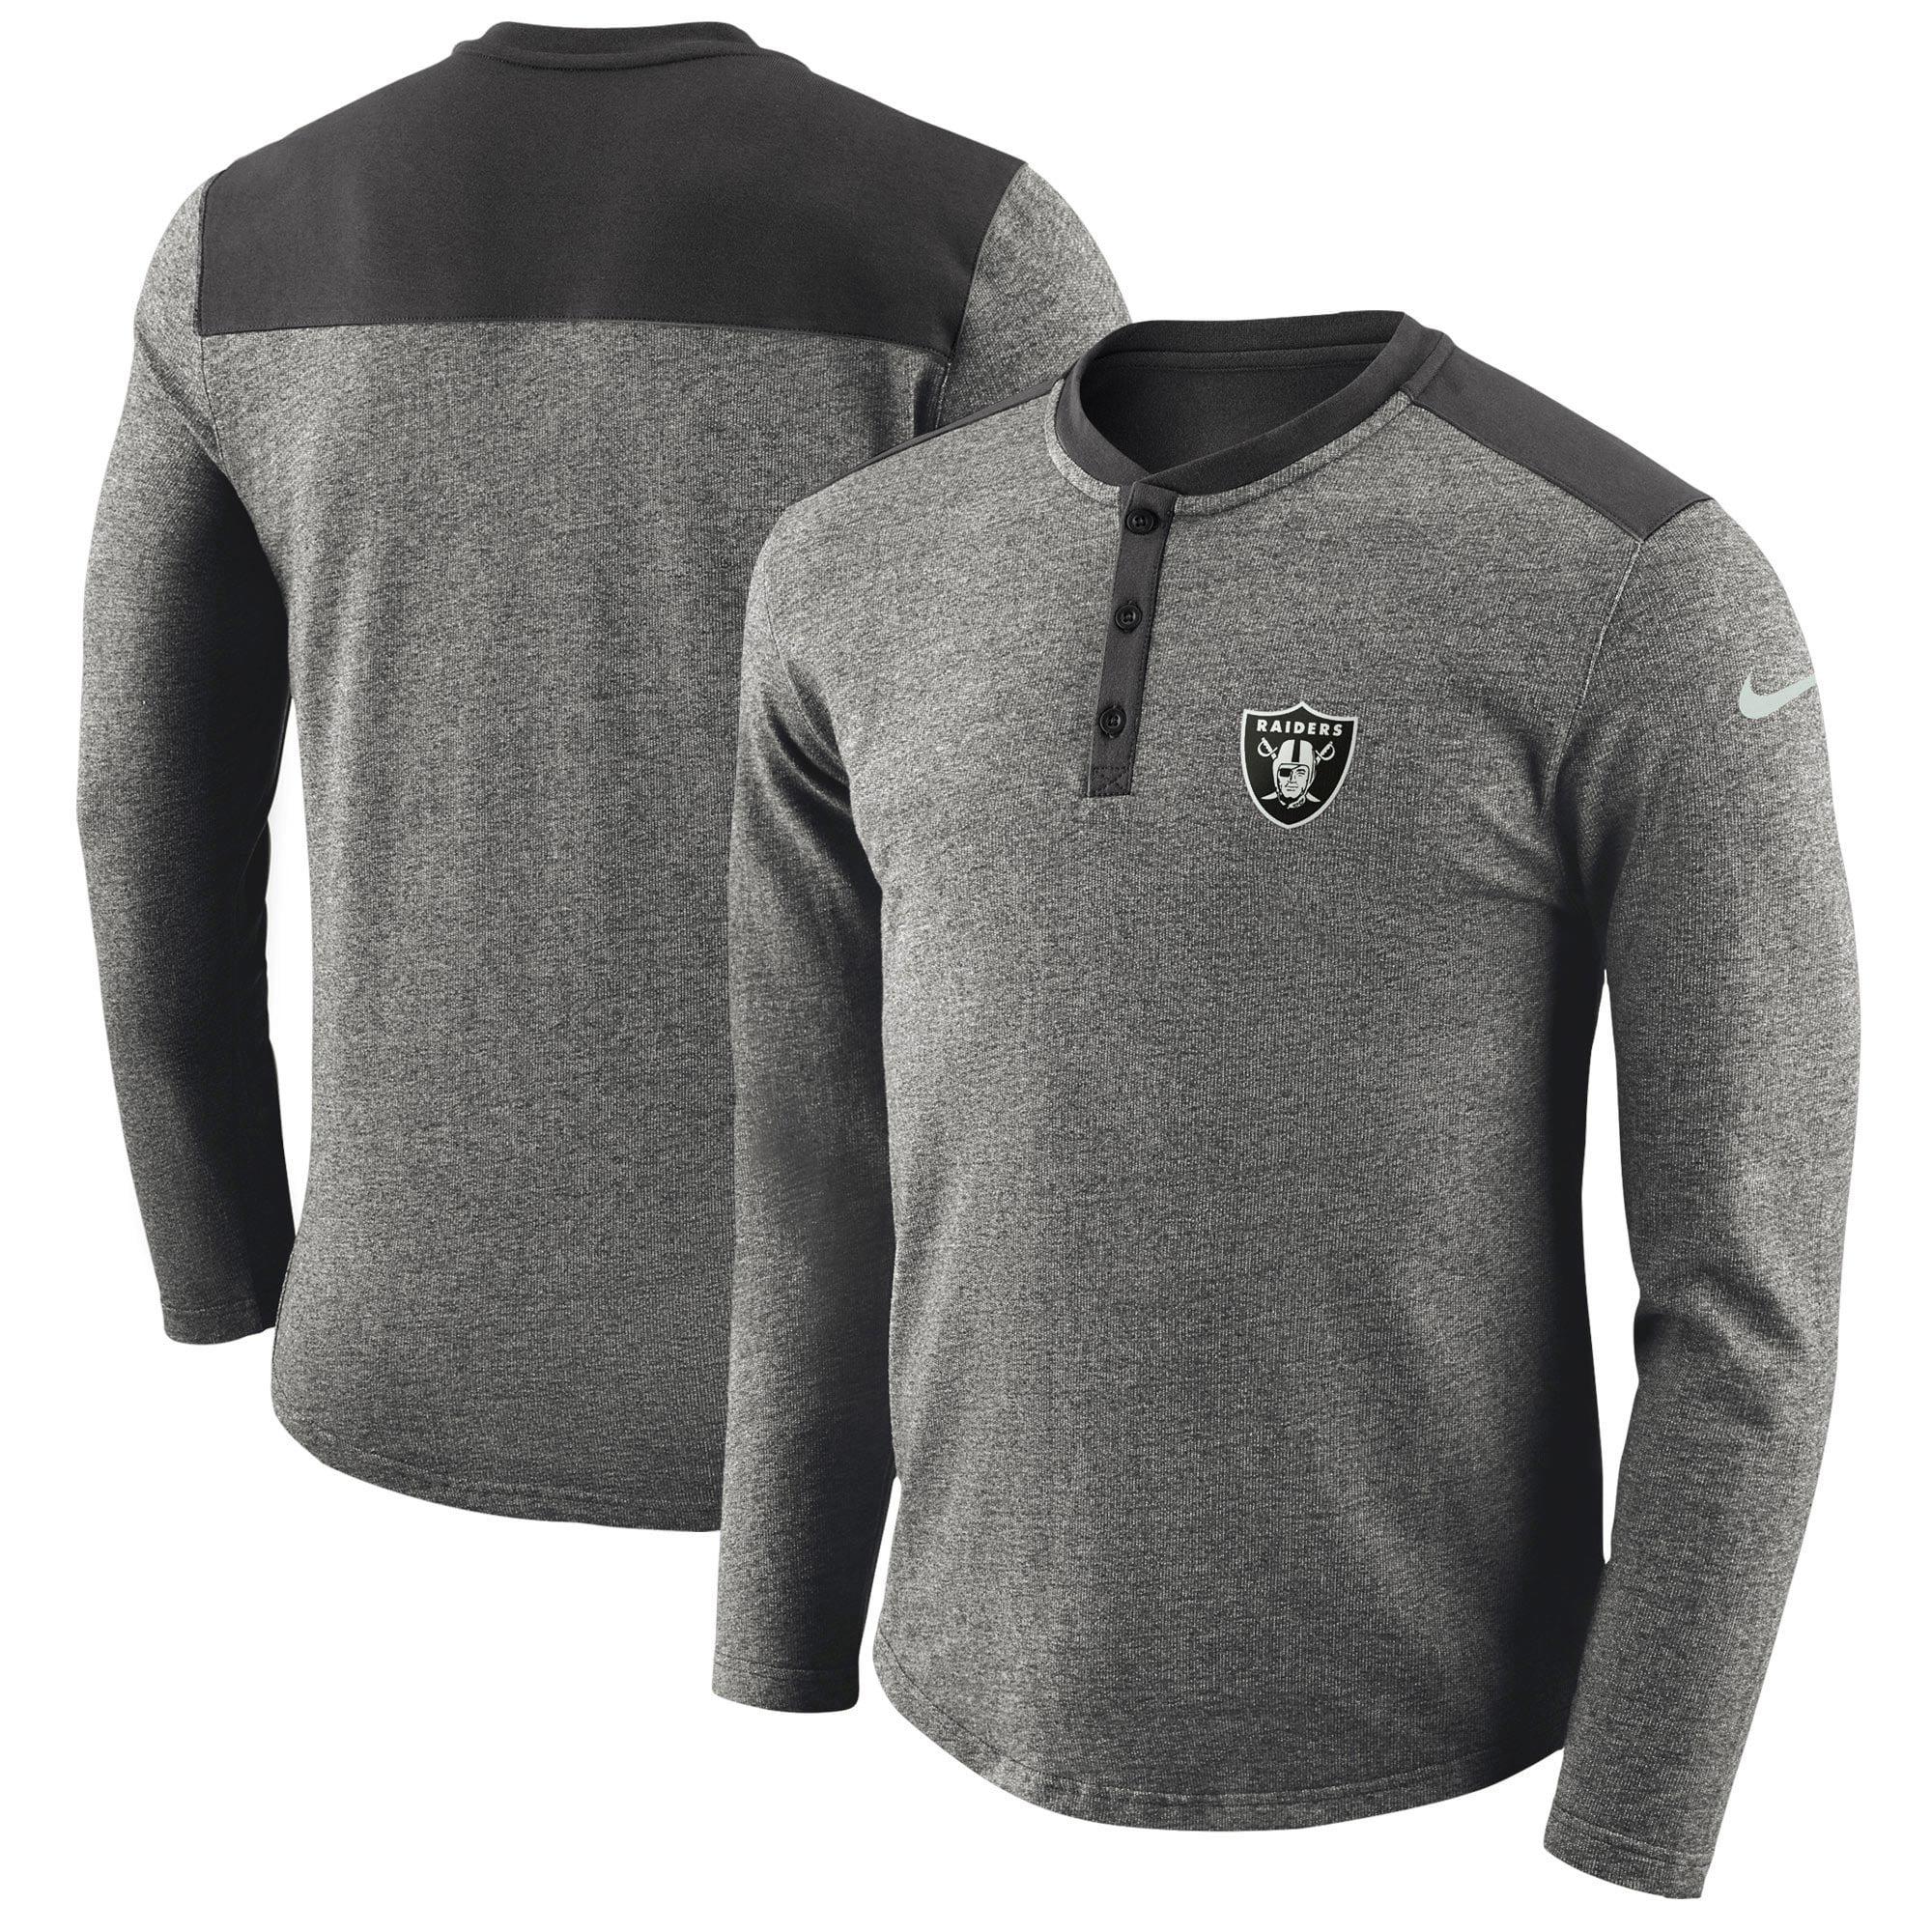 Oakland Raiders Nike Seasonal Henley Long Sleeve T-Shirt - Charcoal